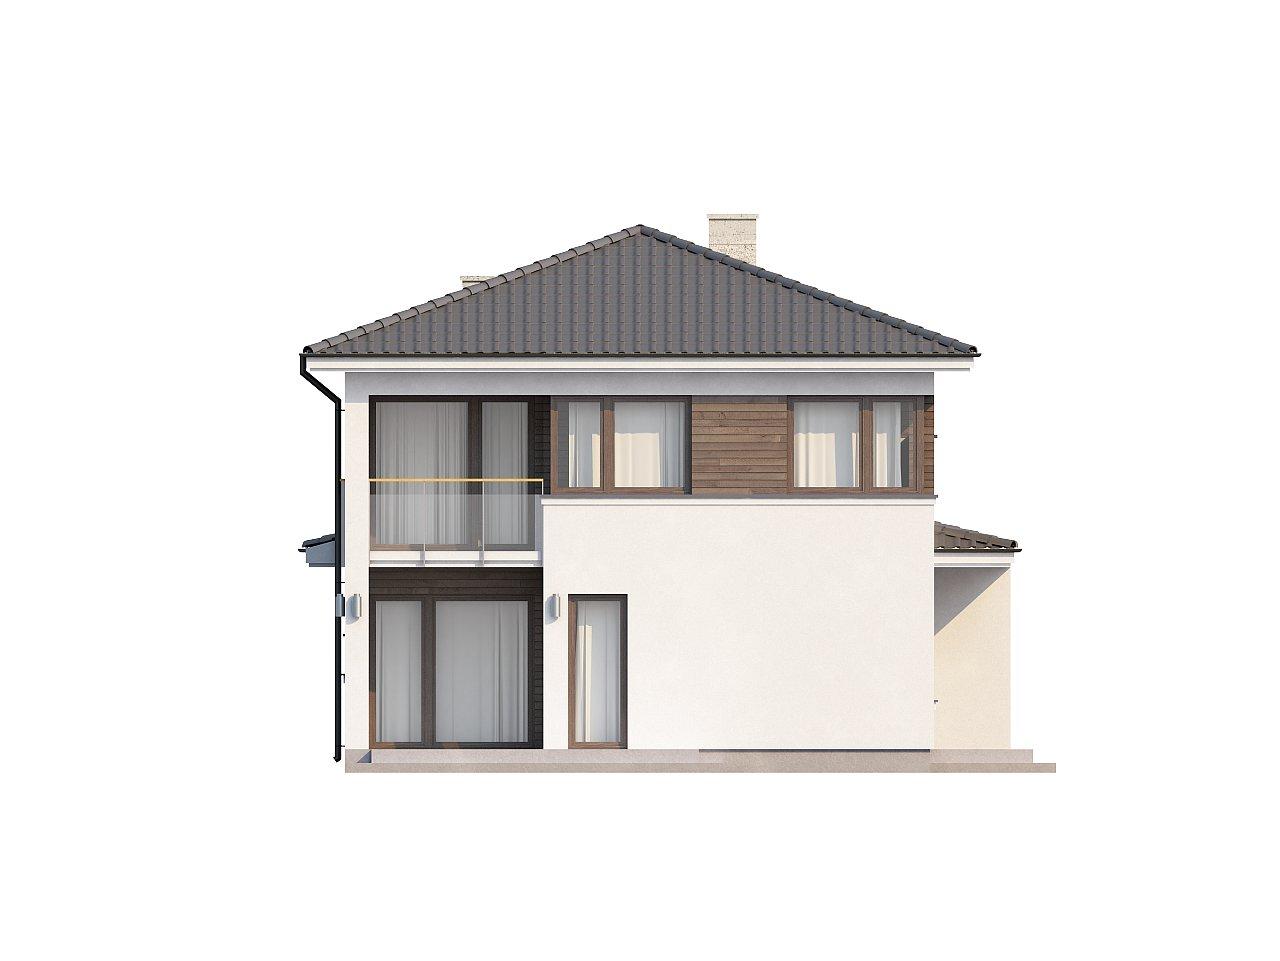 Двухэтажный современный дом с многоскатной низкой крышей, с гостиной с фронтальной стороны. - фото 4